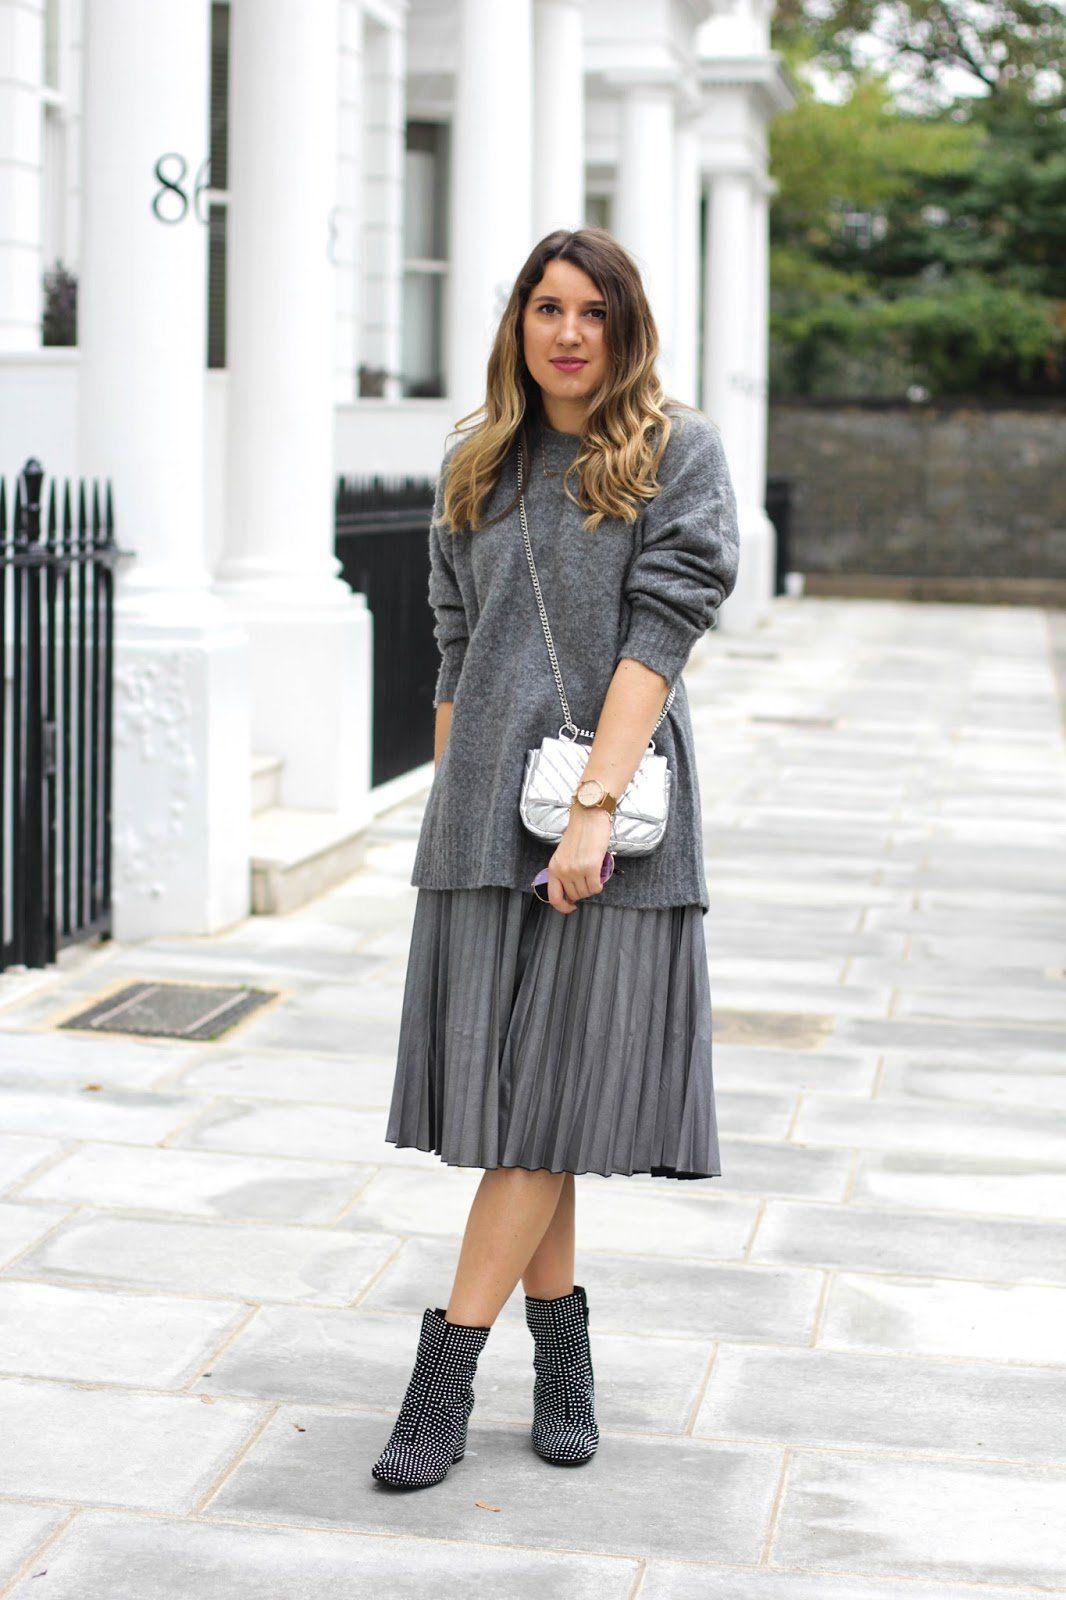 1d40fefbc299 С чем носить плиссированную юбку? (50 фото) — Лучшие идеи образов ...